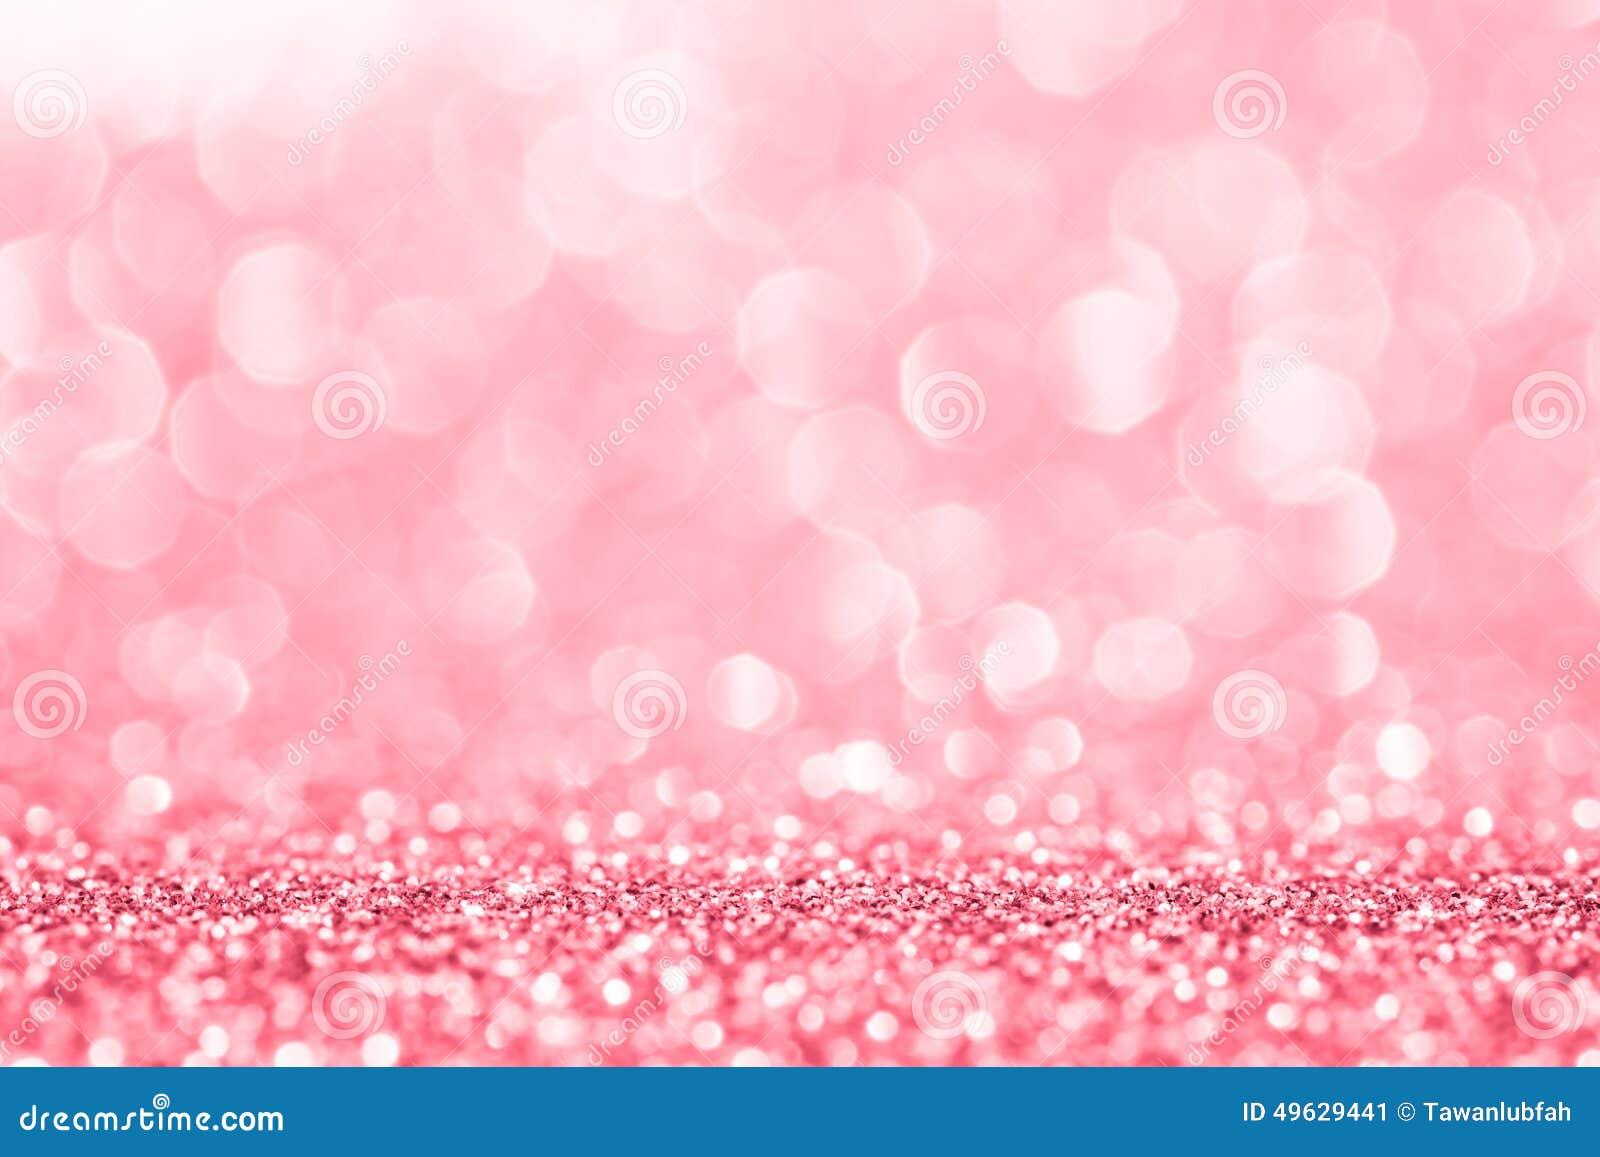 抽象背景的桃红色闪烁